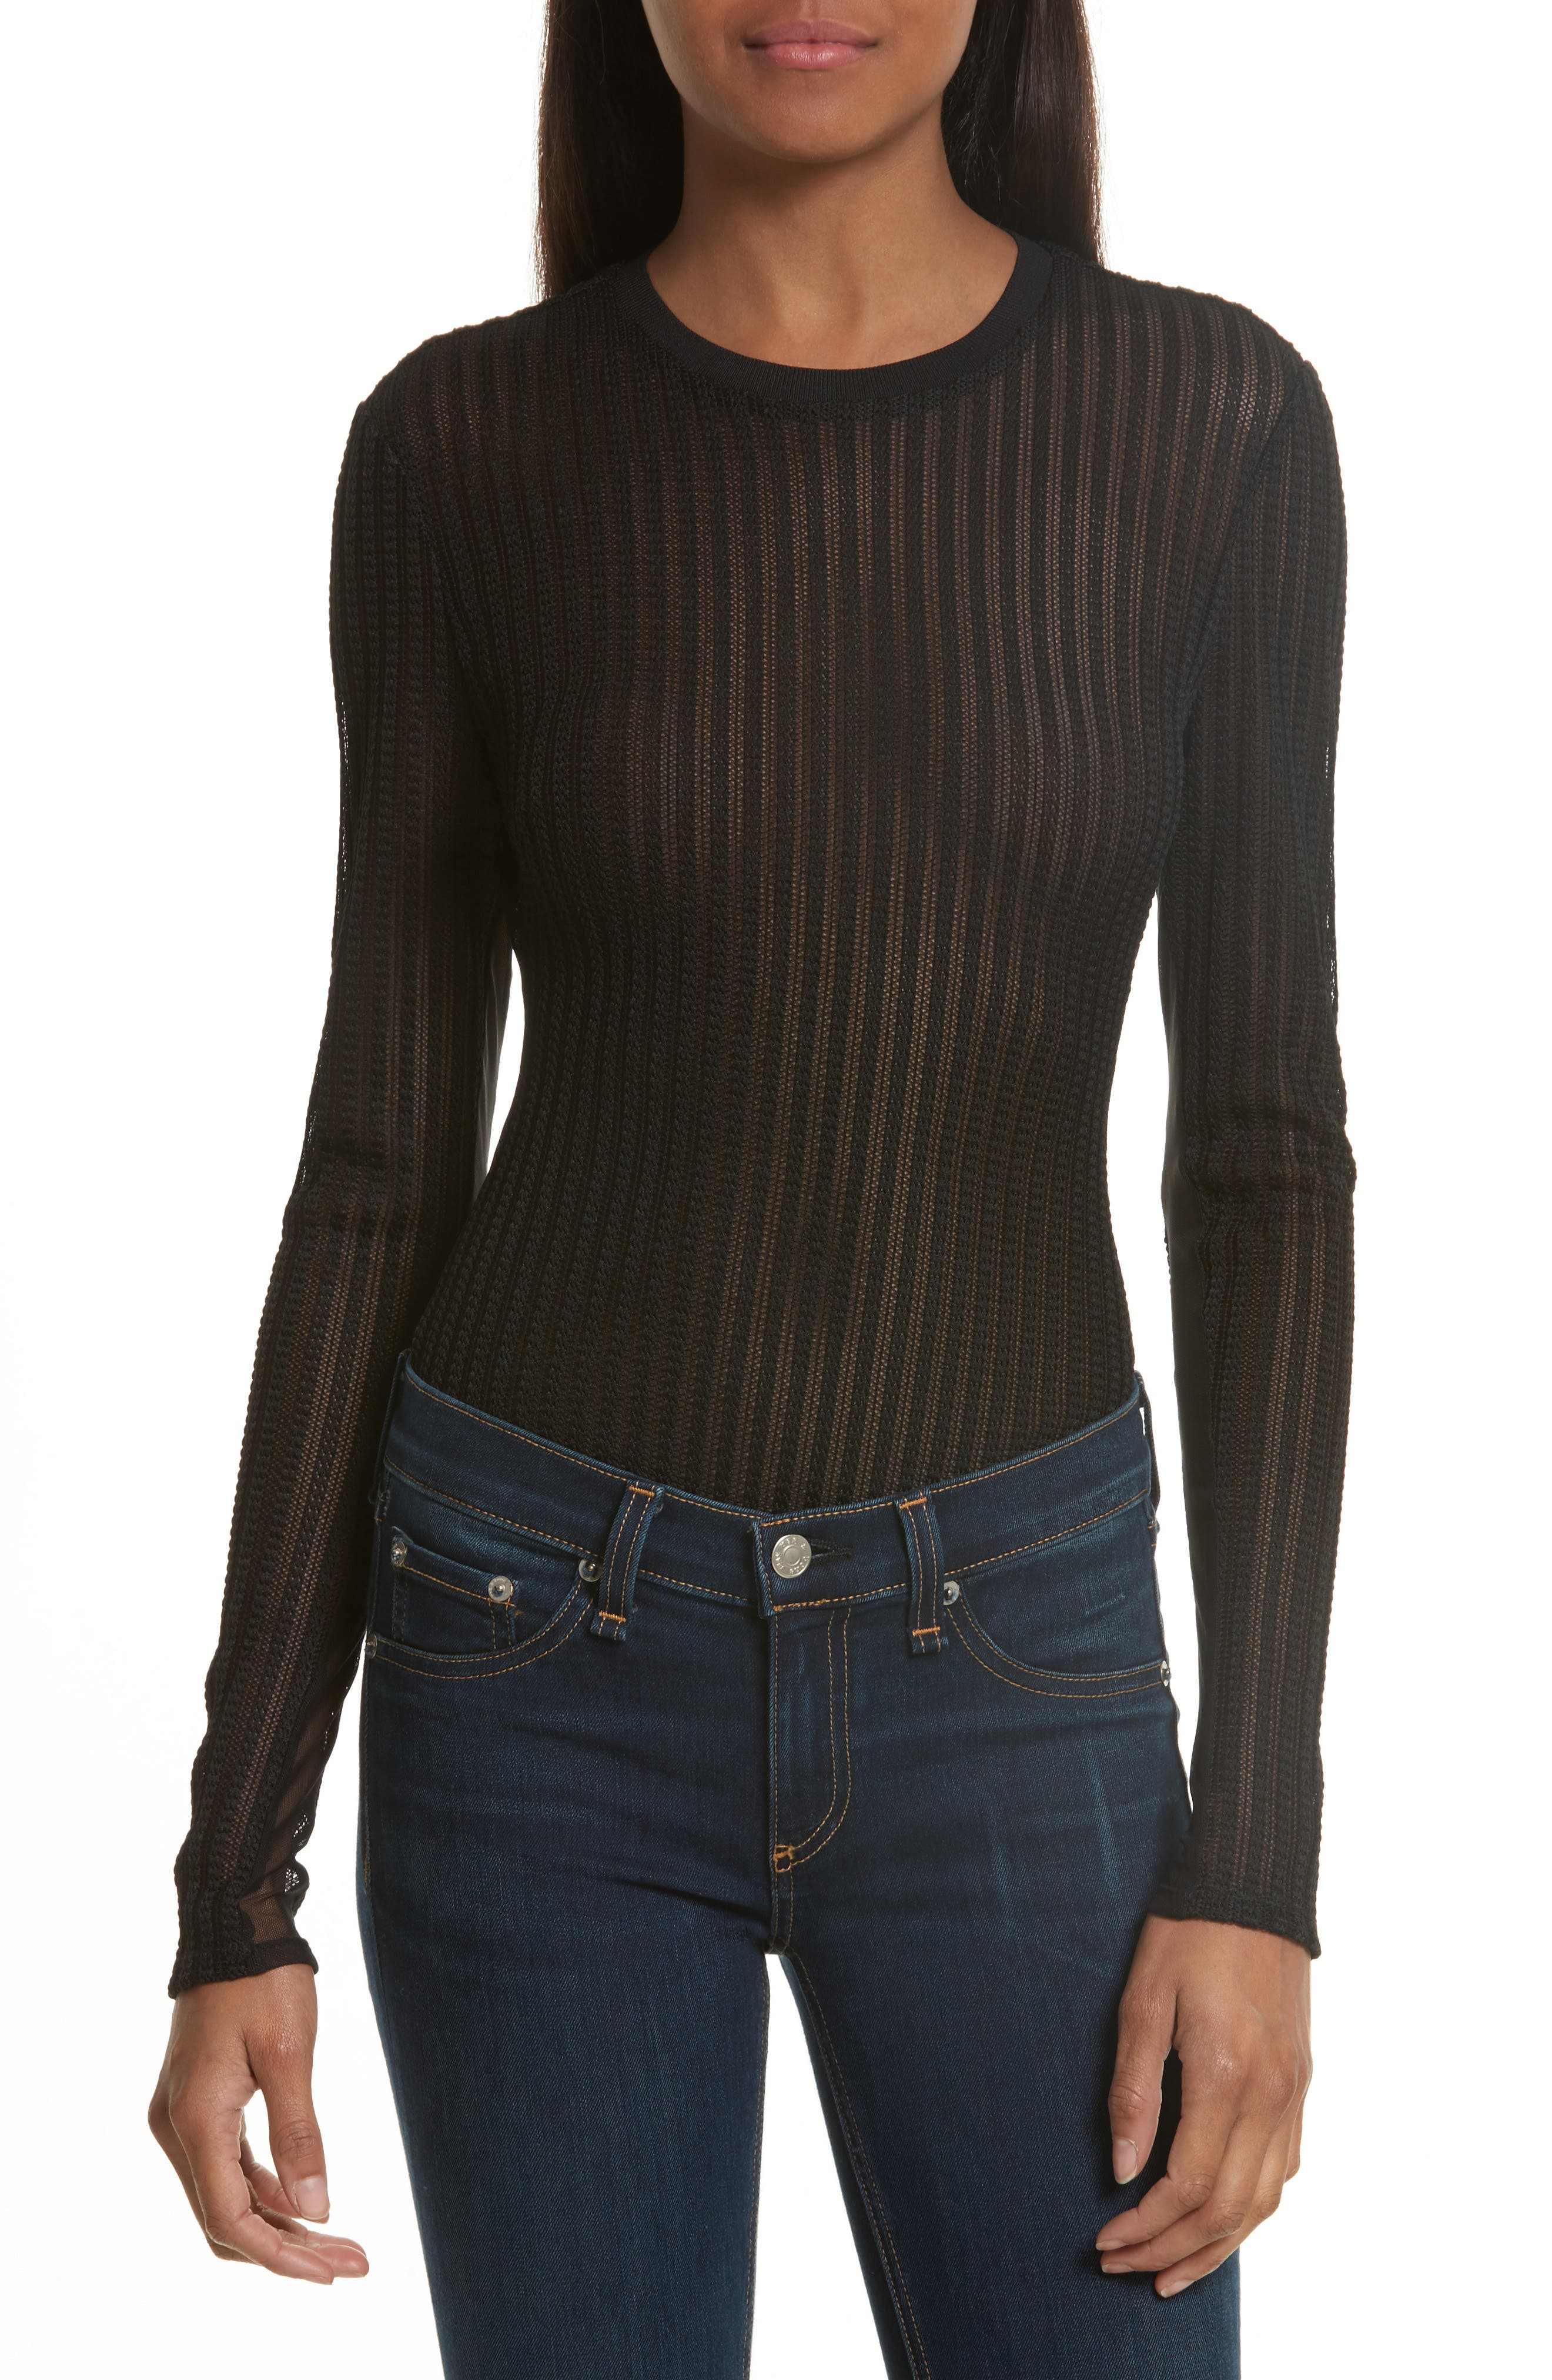 Cinq à Sept Paige Sheer Knit Bodysuit